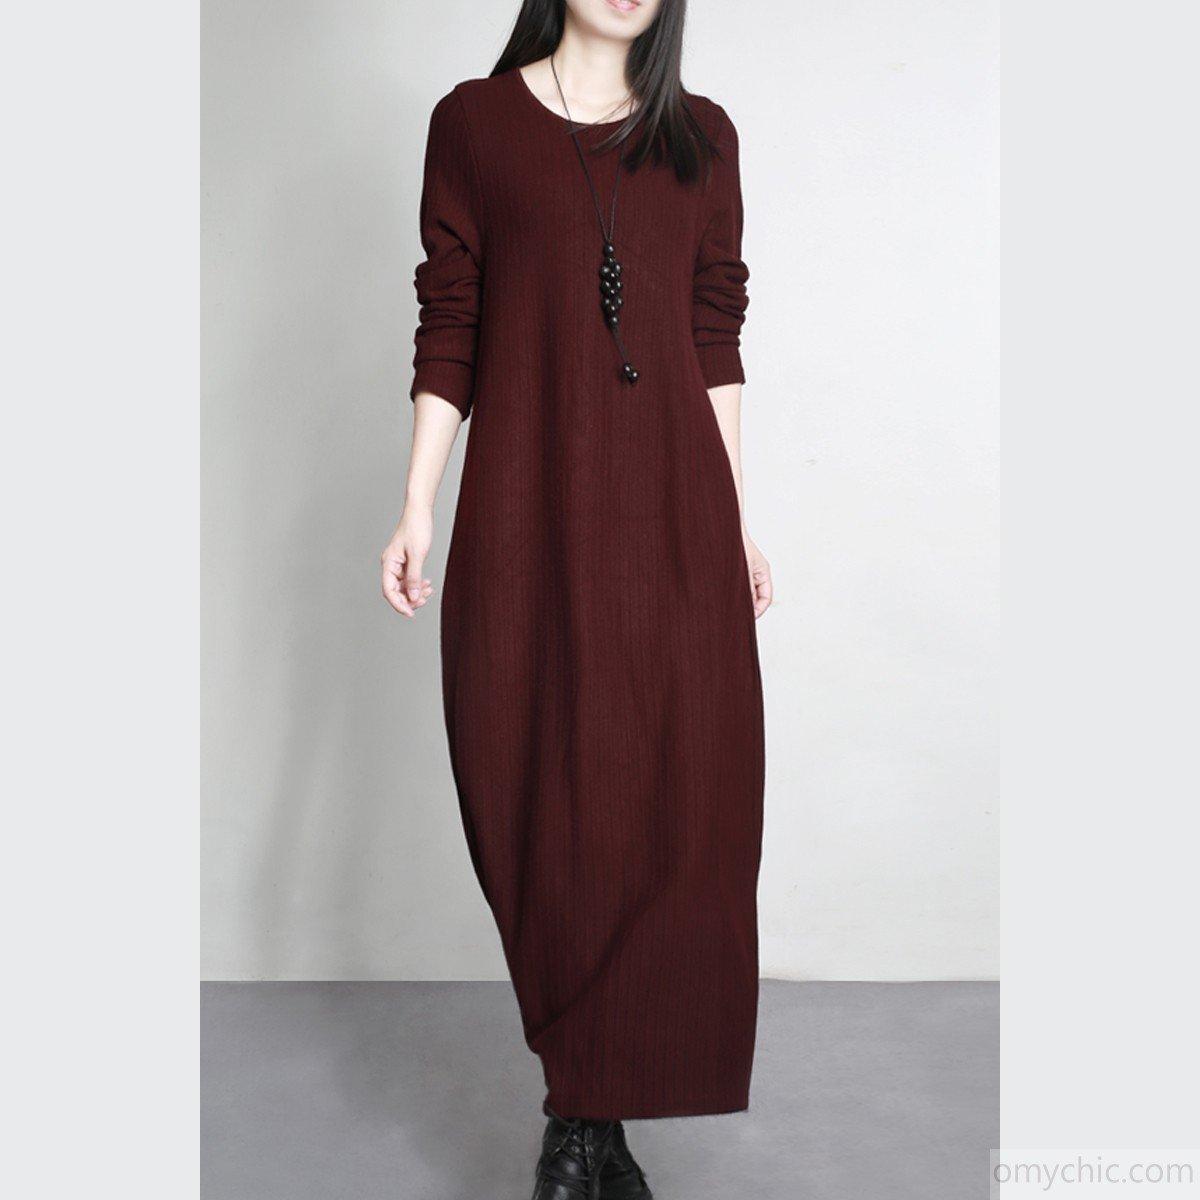 длинное бордовое теплое платье для офиса 2018